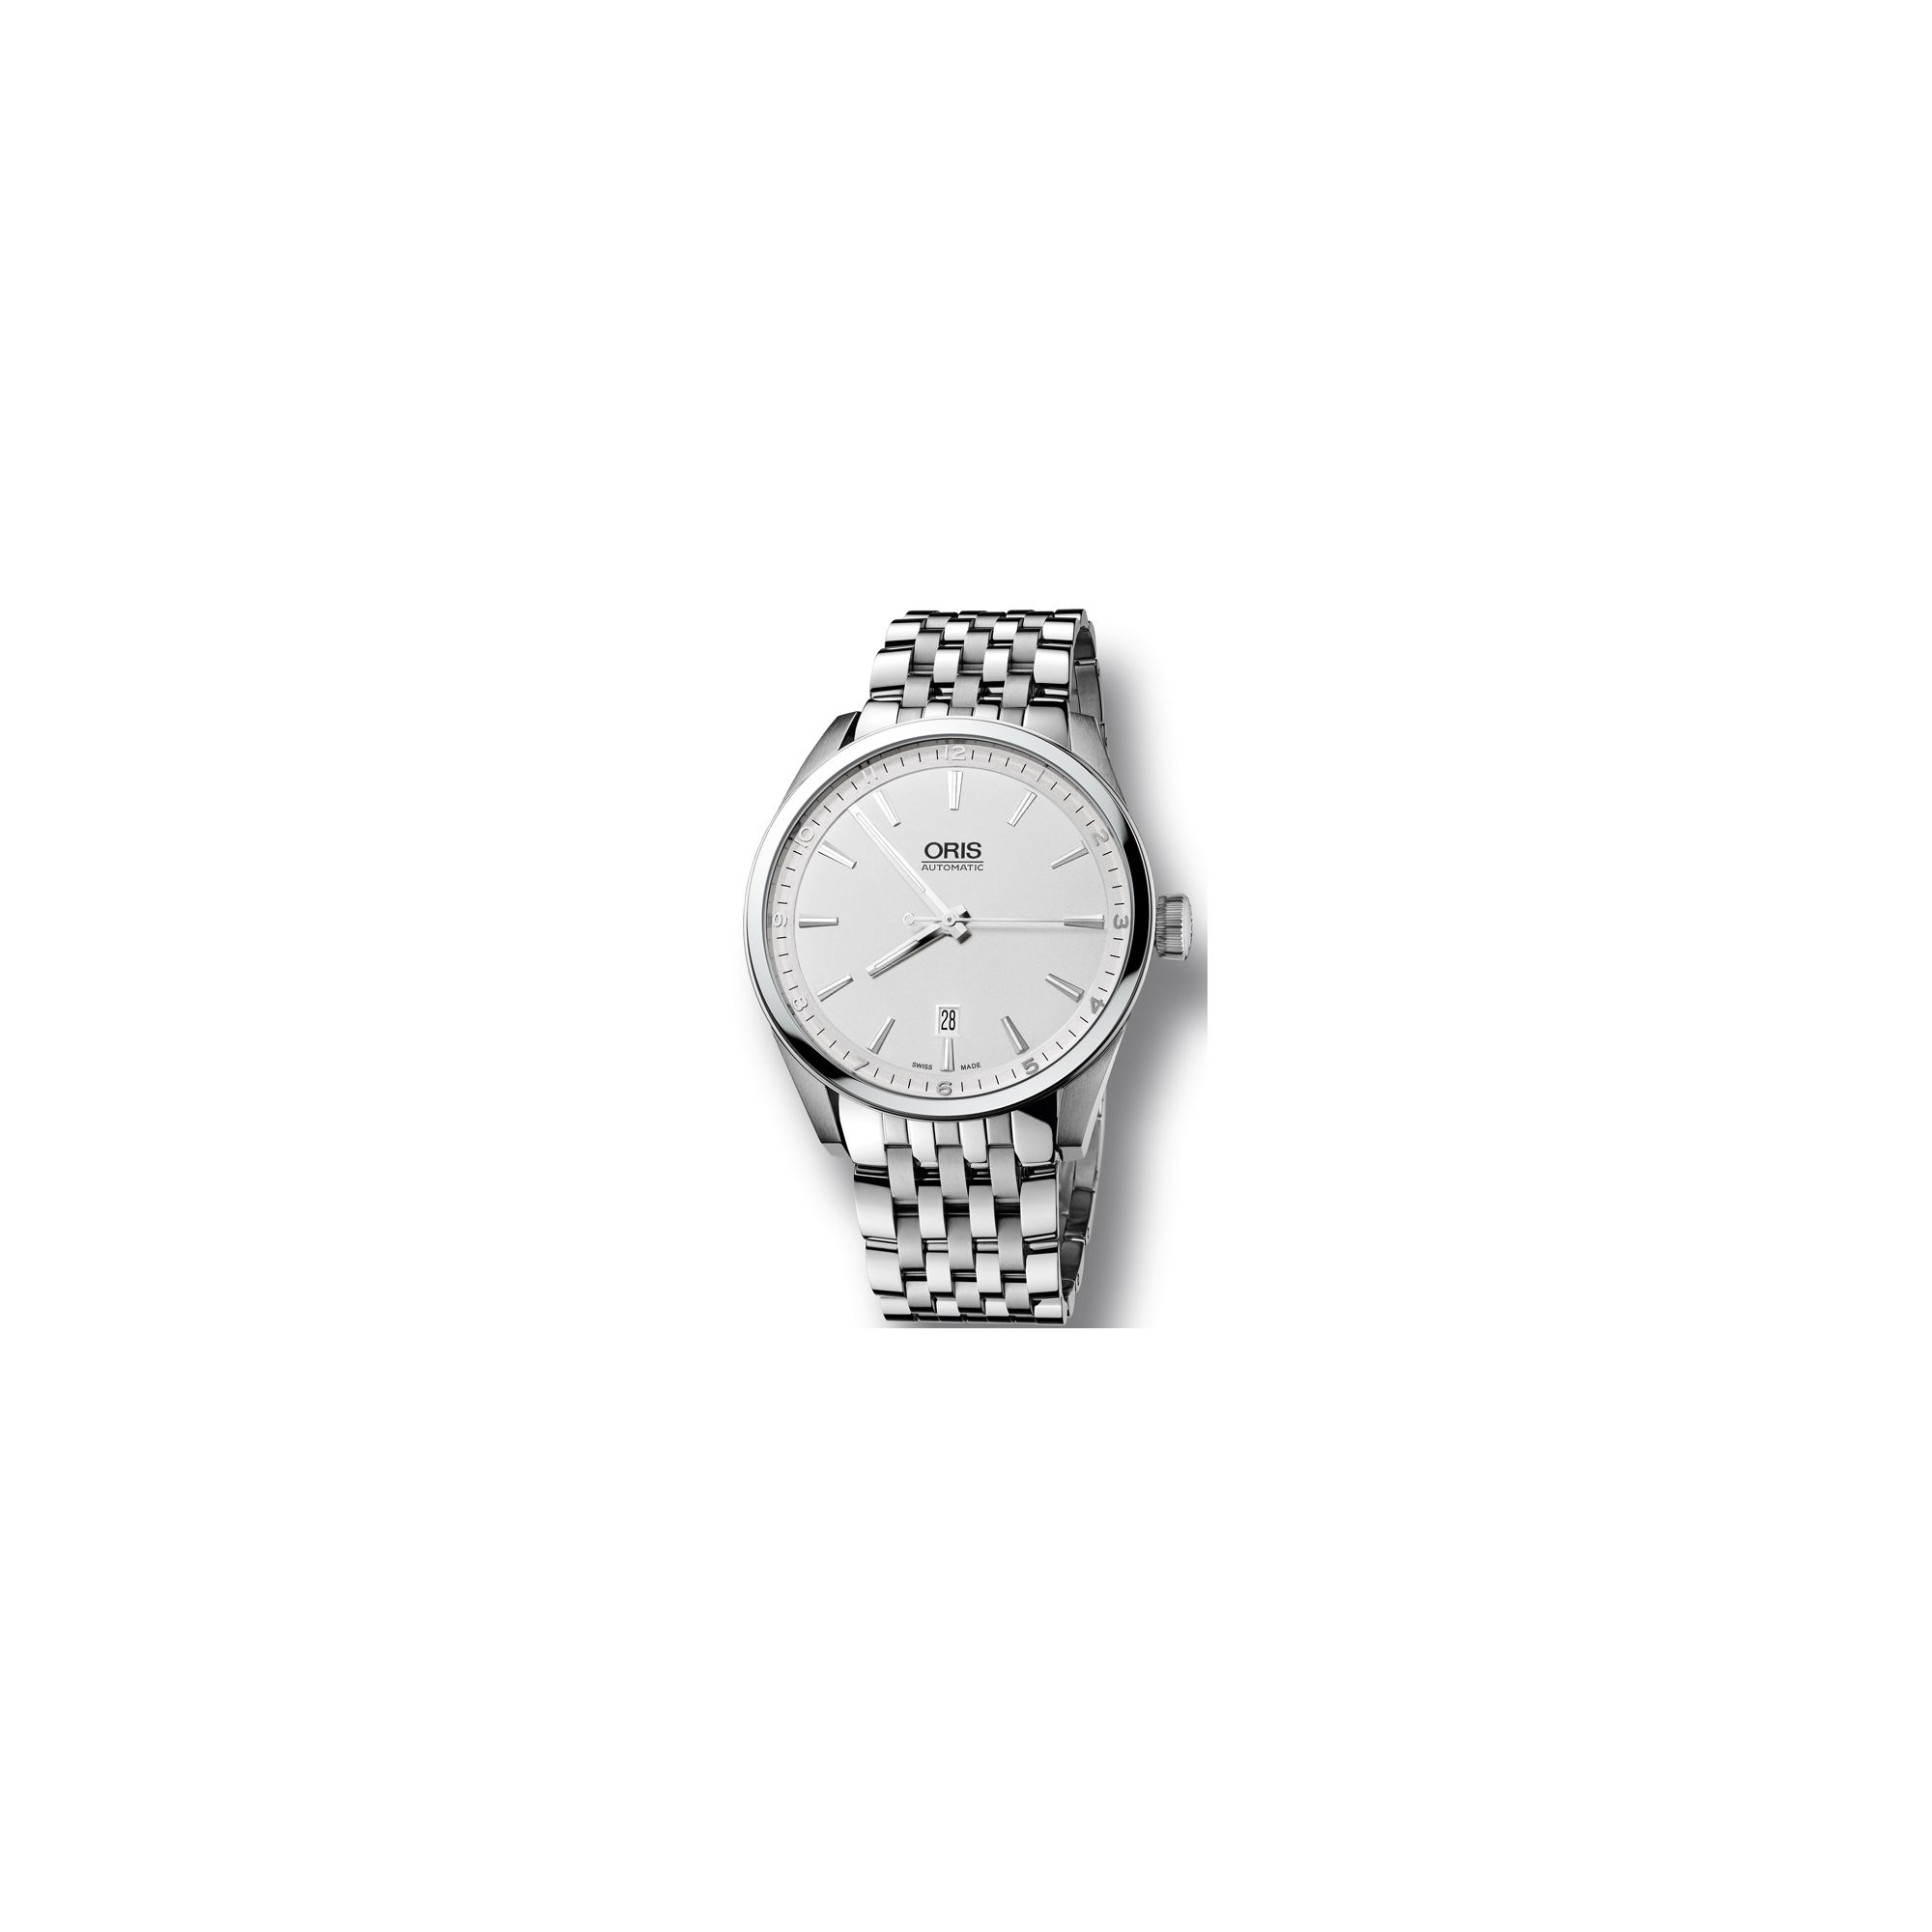 Oris Gents Artelier Silver Tone Bracelet Watch 73376424051MB at Tesco Direct